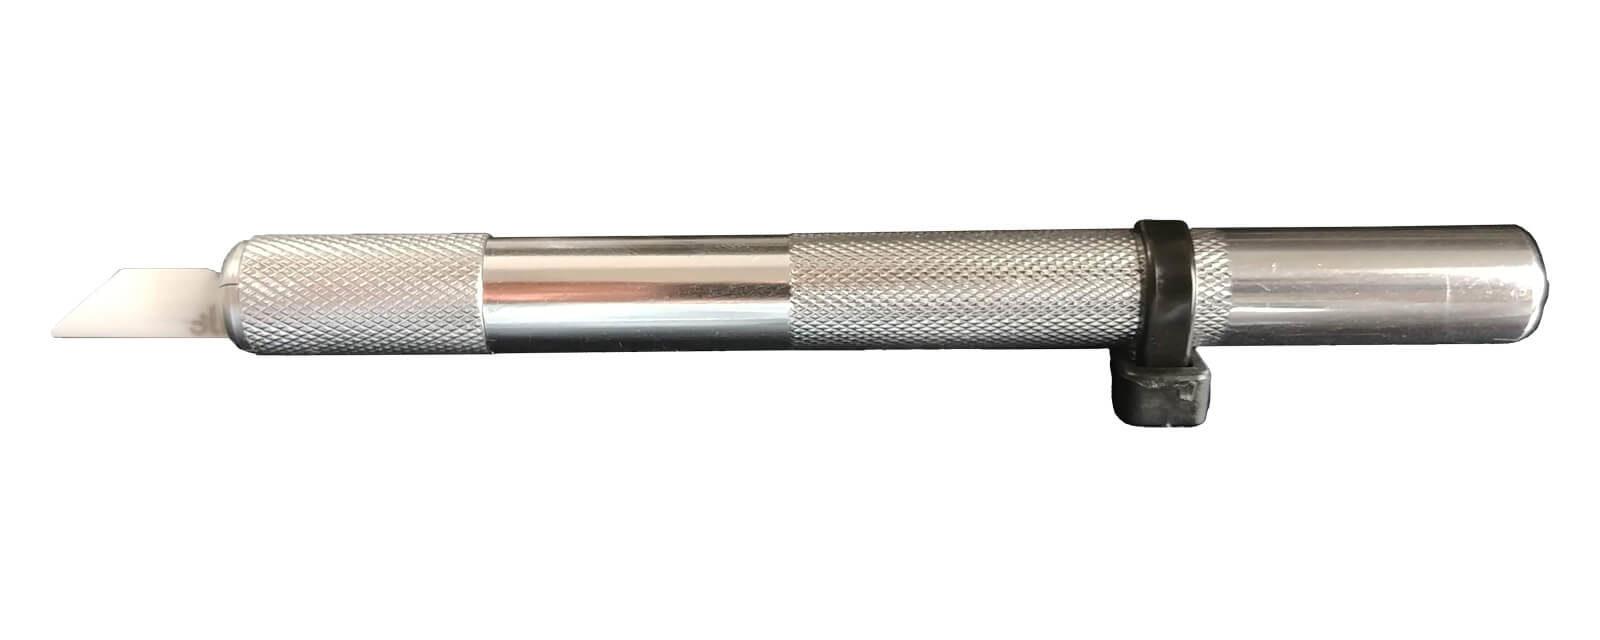 S075R-Keramik-Sicherheits-Skalpell-Metallgriff-abgerundete-Klingenspitze-CURT-tools_1600